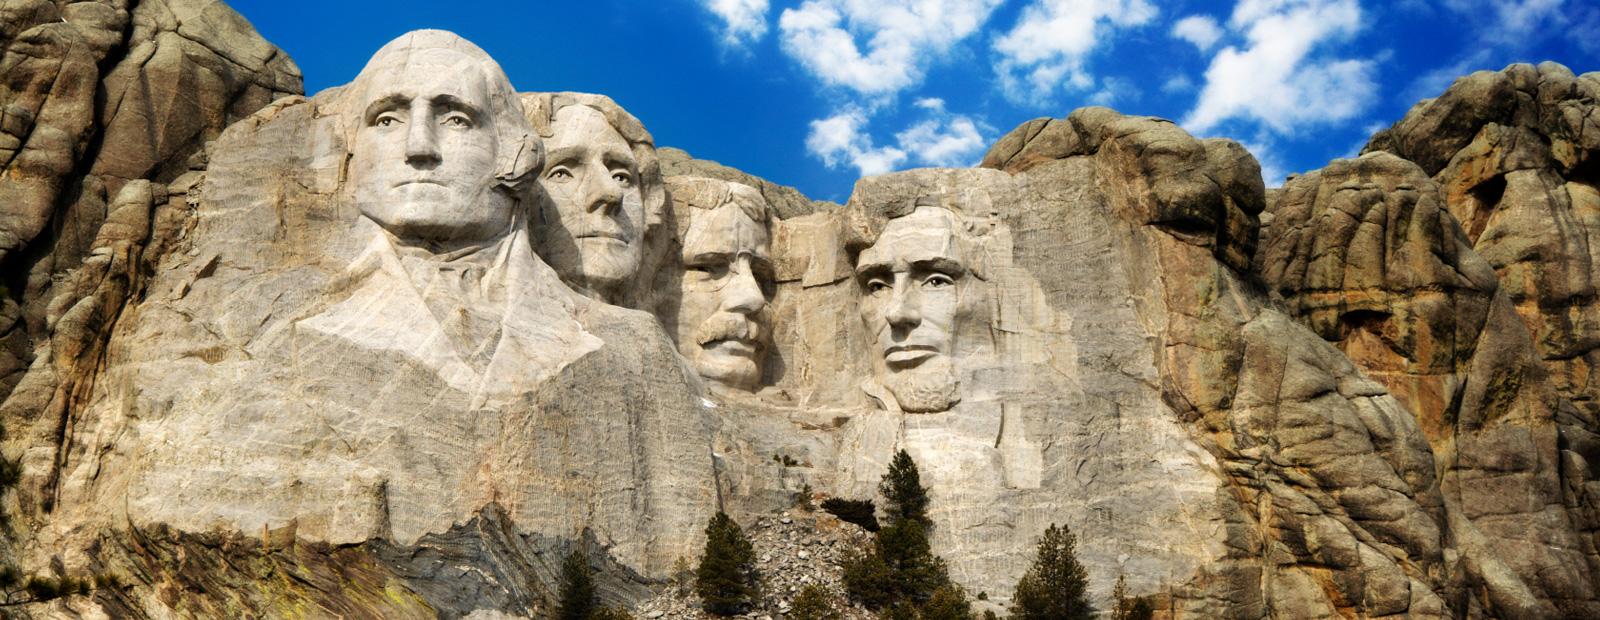 Mont Rushmore - tableau des héros